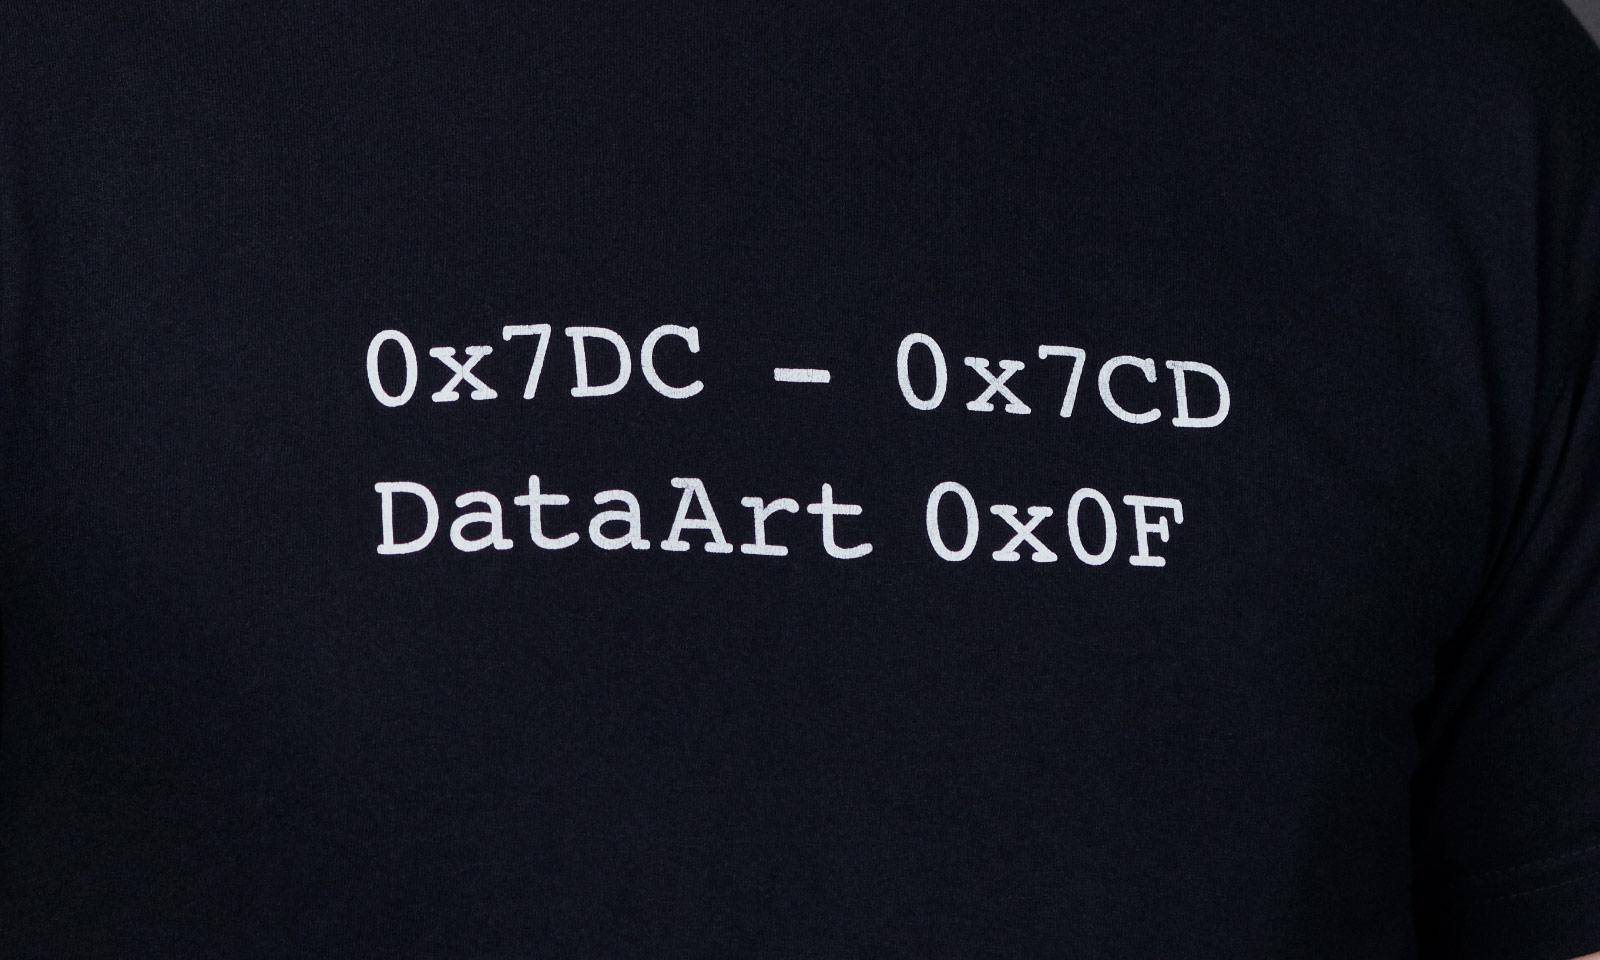 JS-код, римские цифры, геометрические загадки: как мы шифруем свой возраст - 1